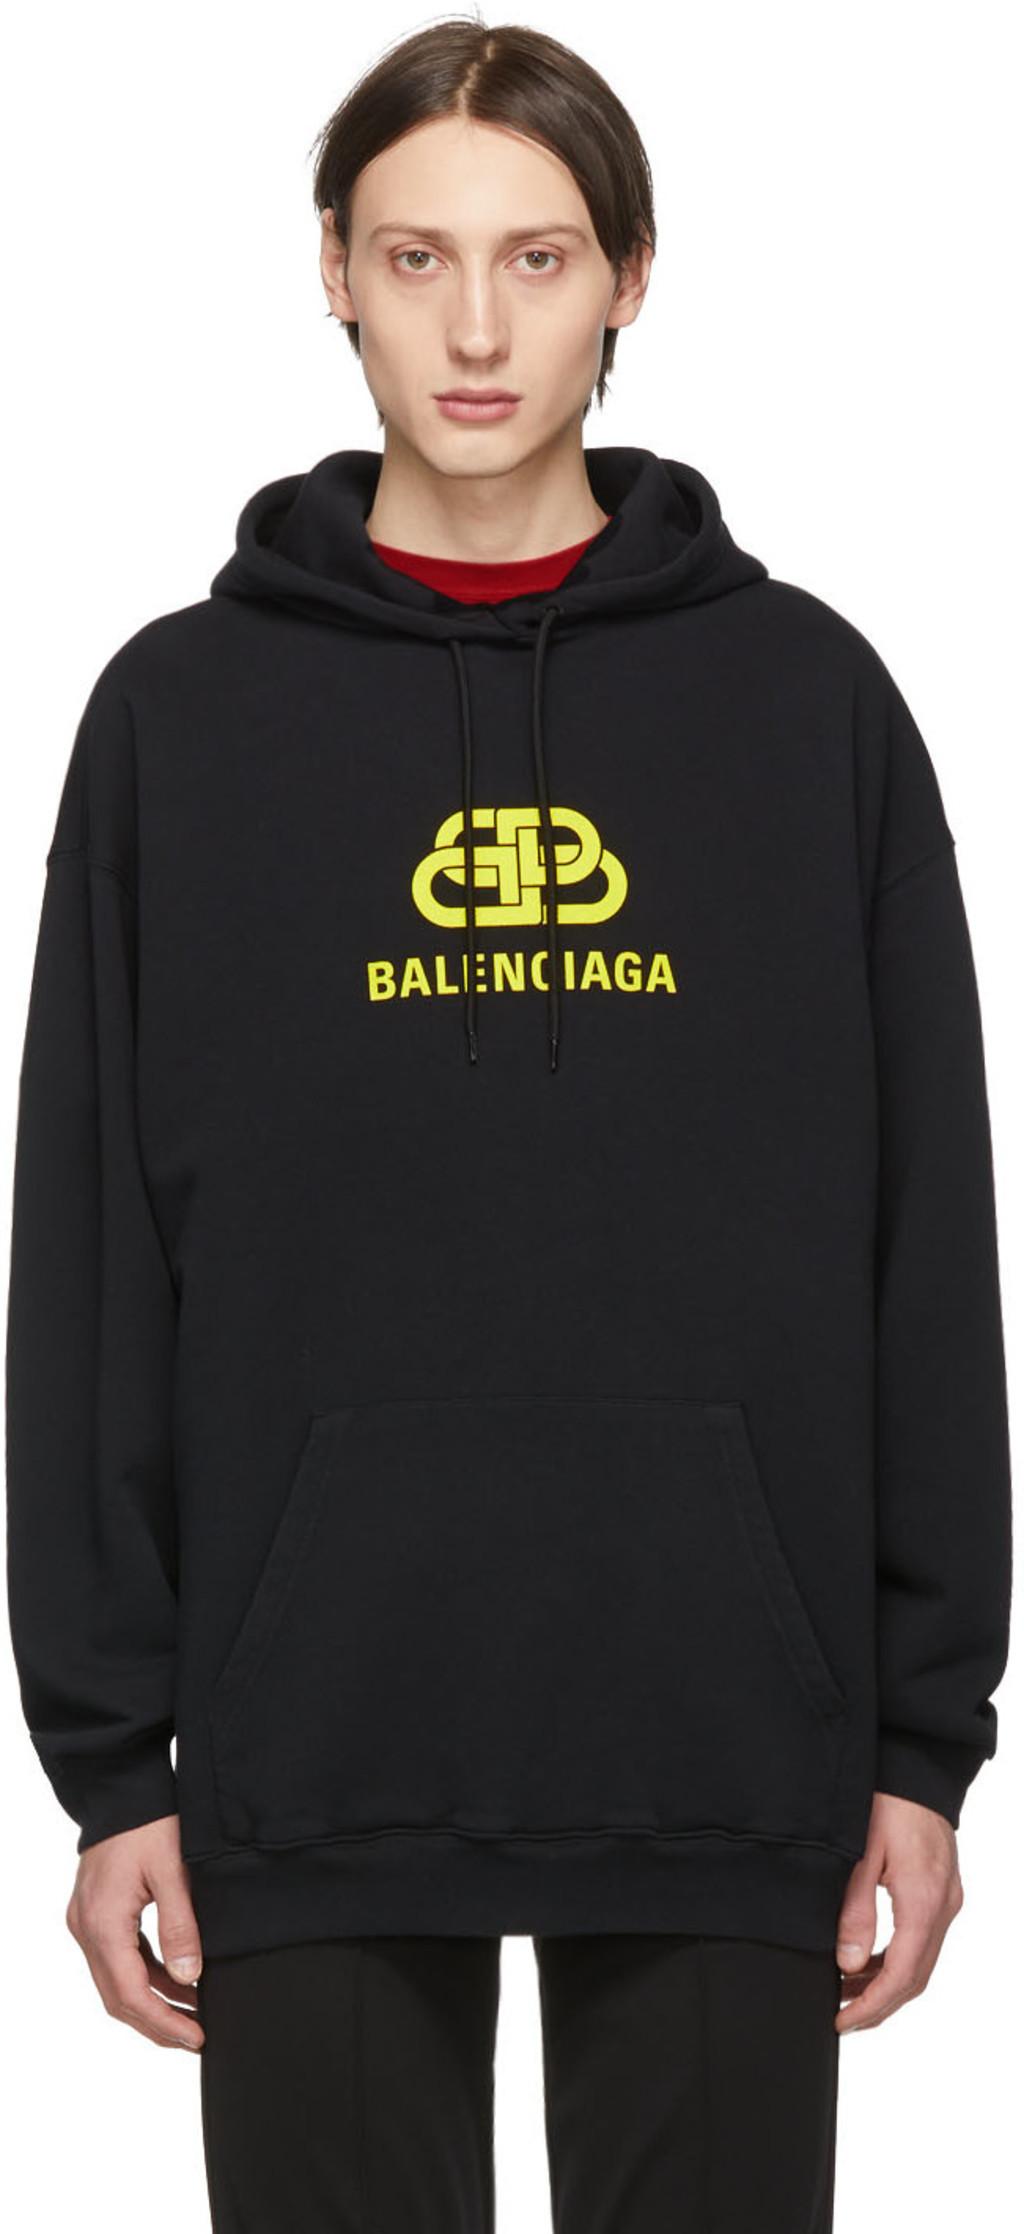 8c940fc5a0c3 Balenciaga for Men FW19 Collection   SSENSE Canada